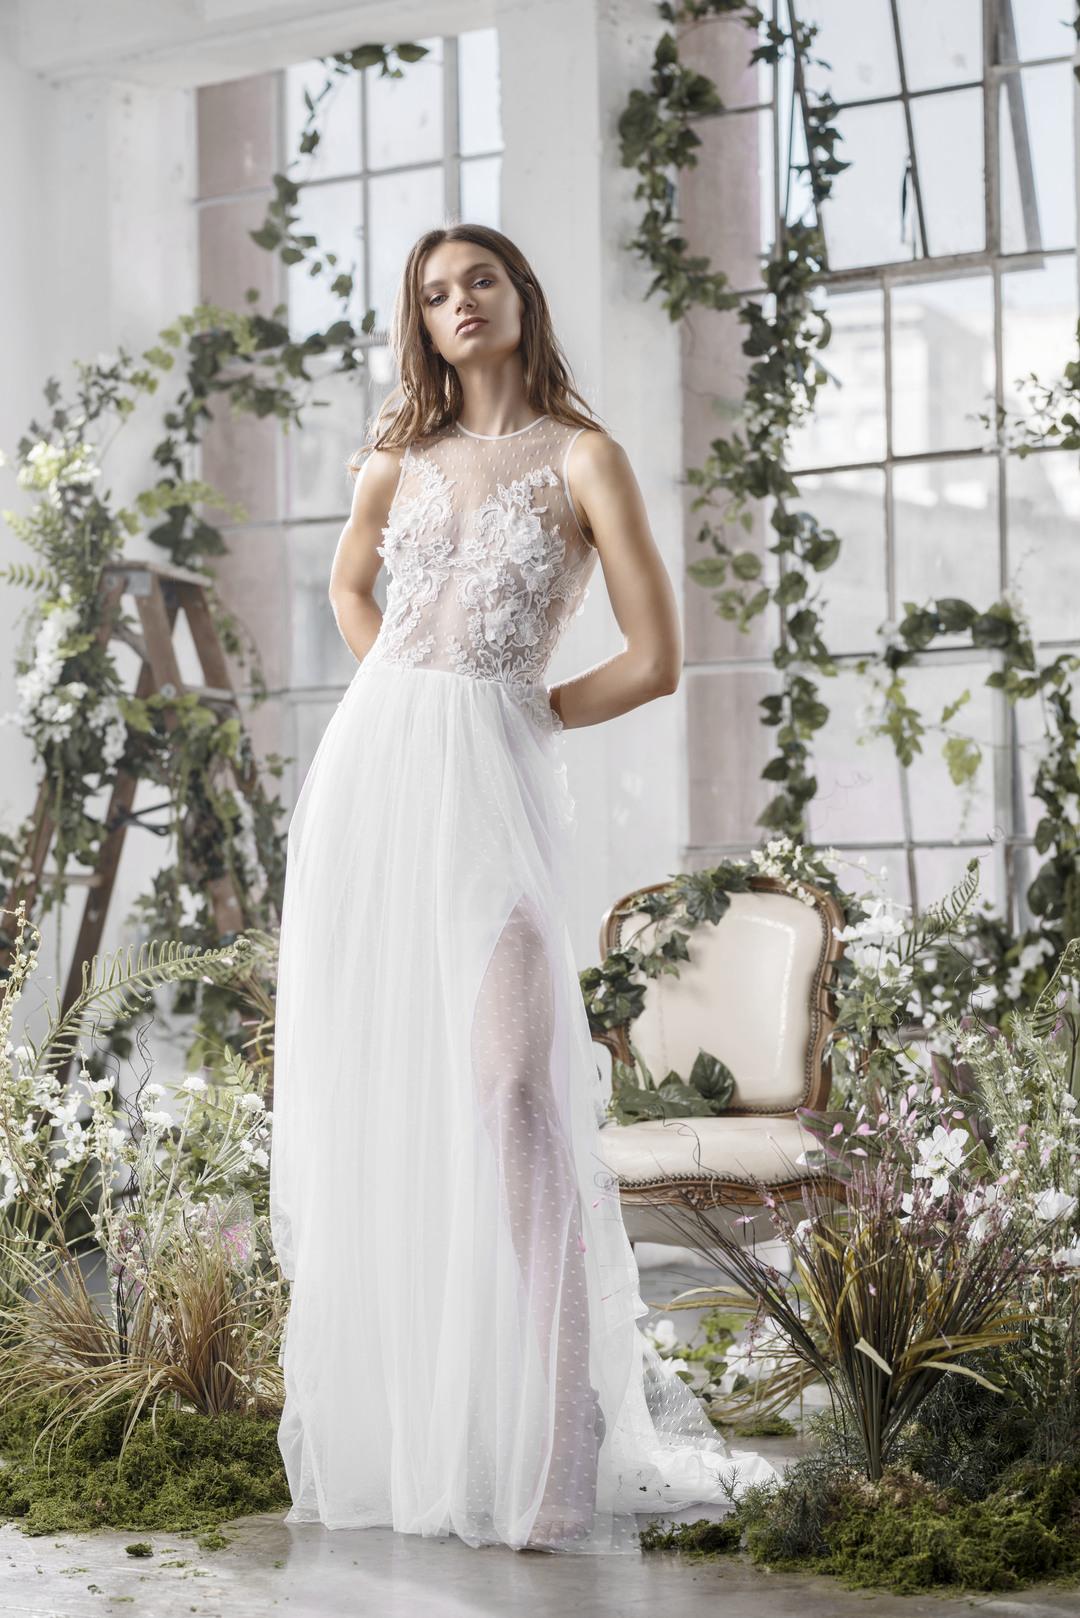 beck dress photo